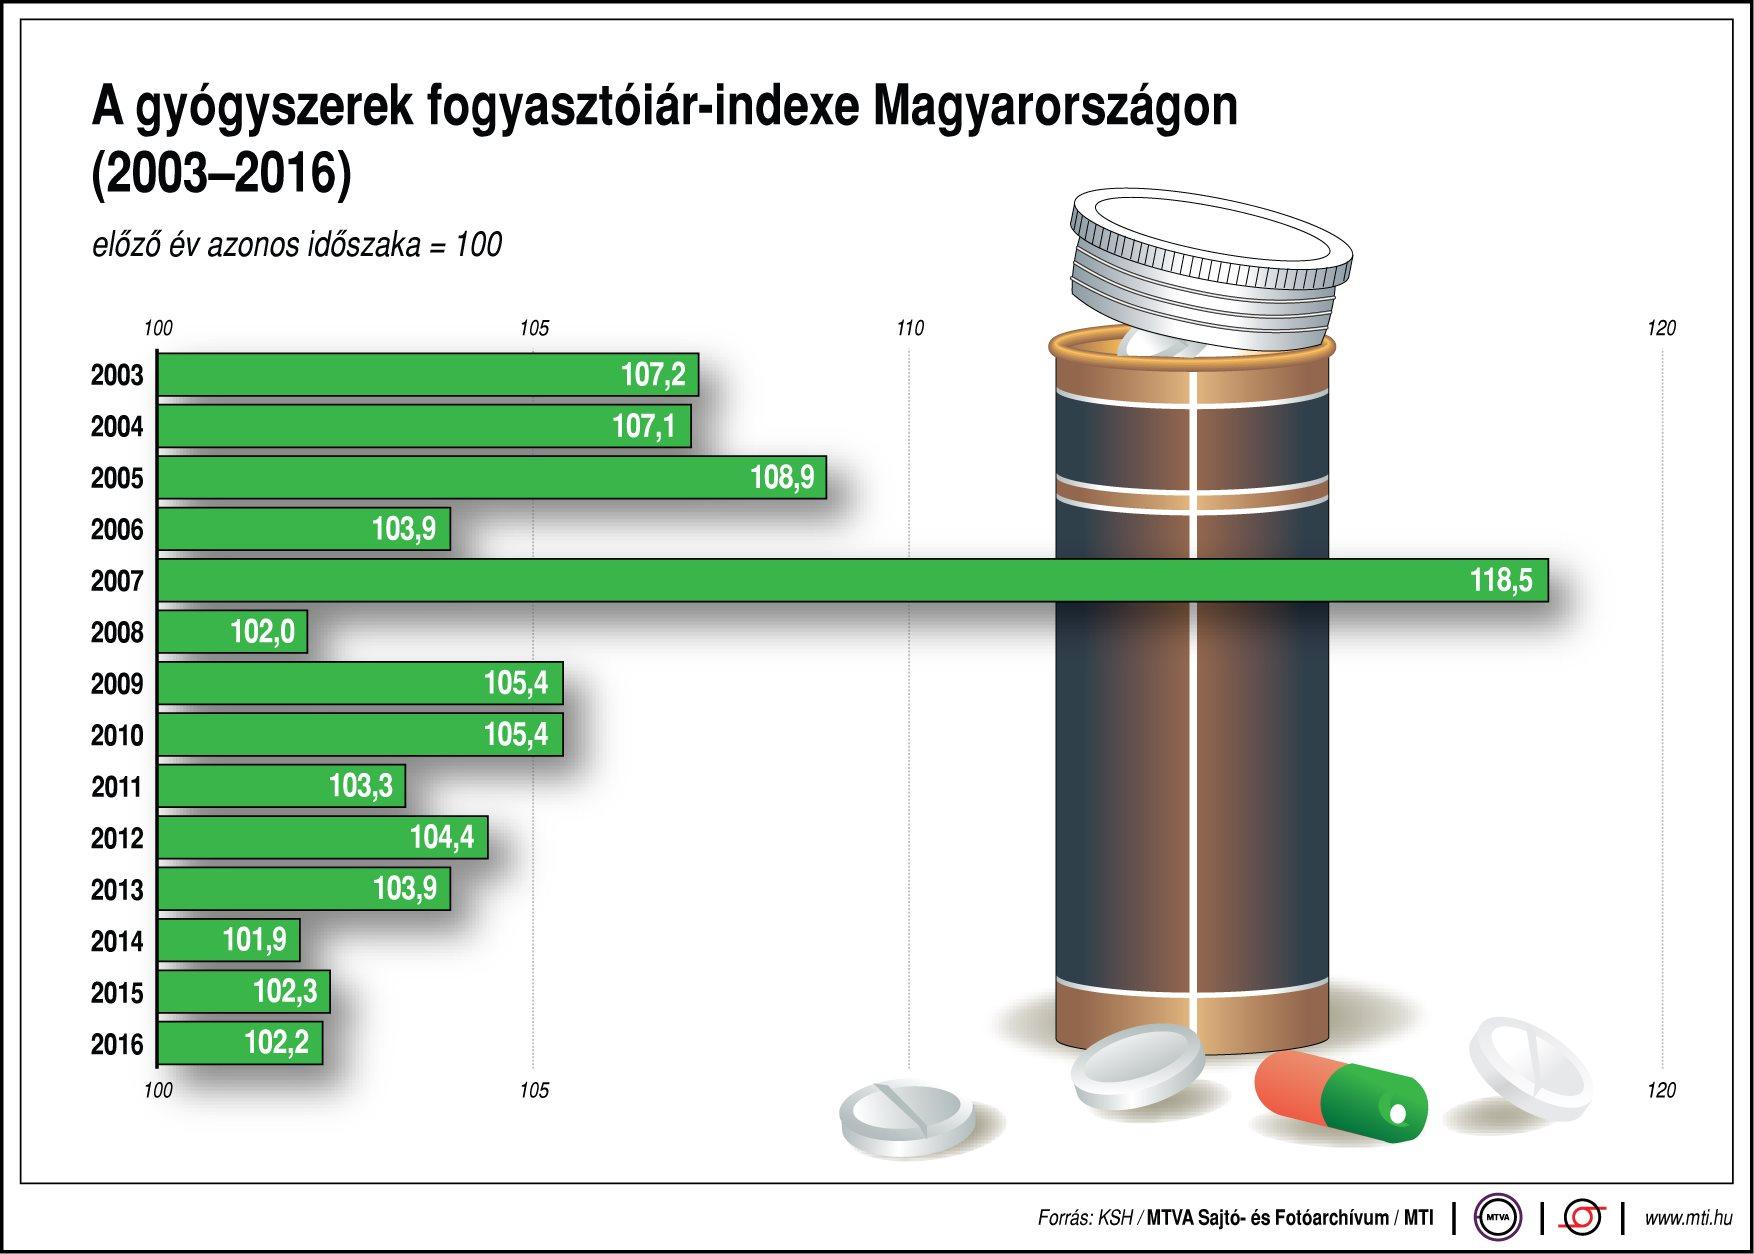 A gyógyszerek fogyasztóiár-indexe Magyarországon - ábra